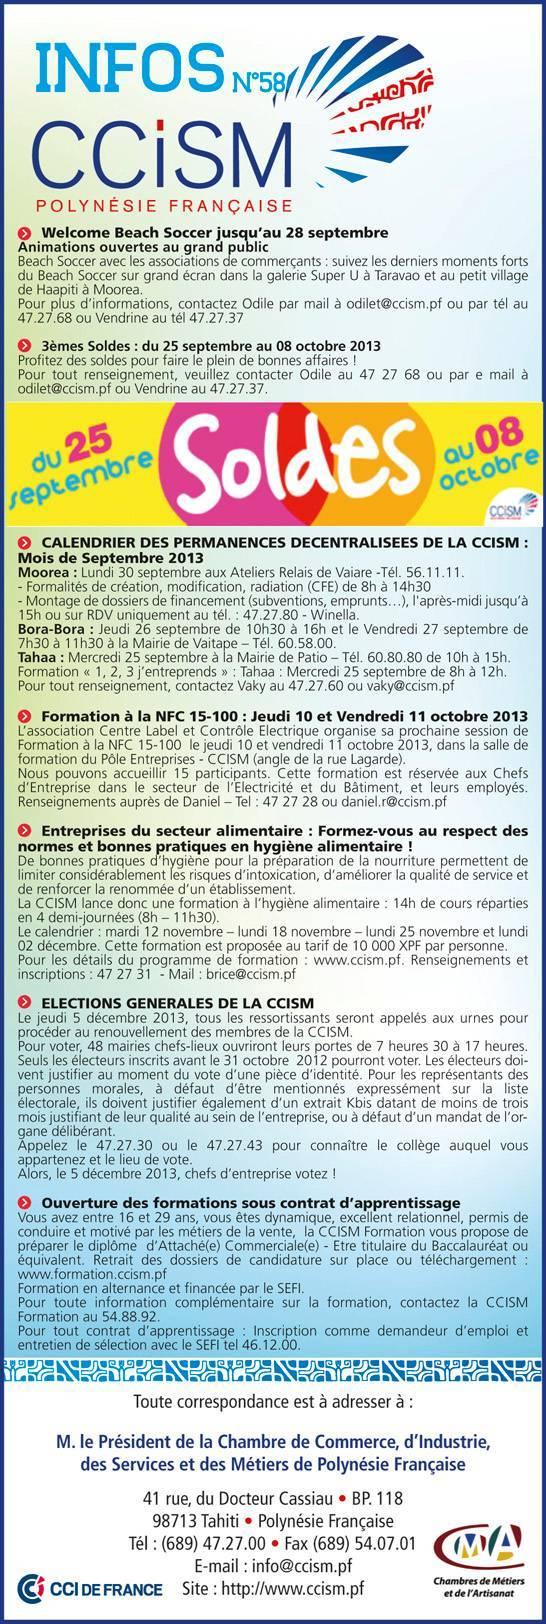 Infos CCISM N°58